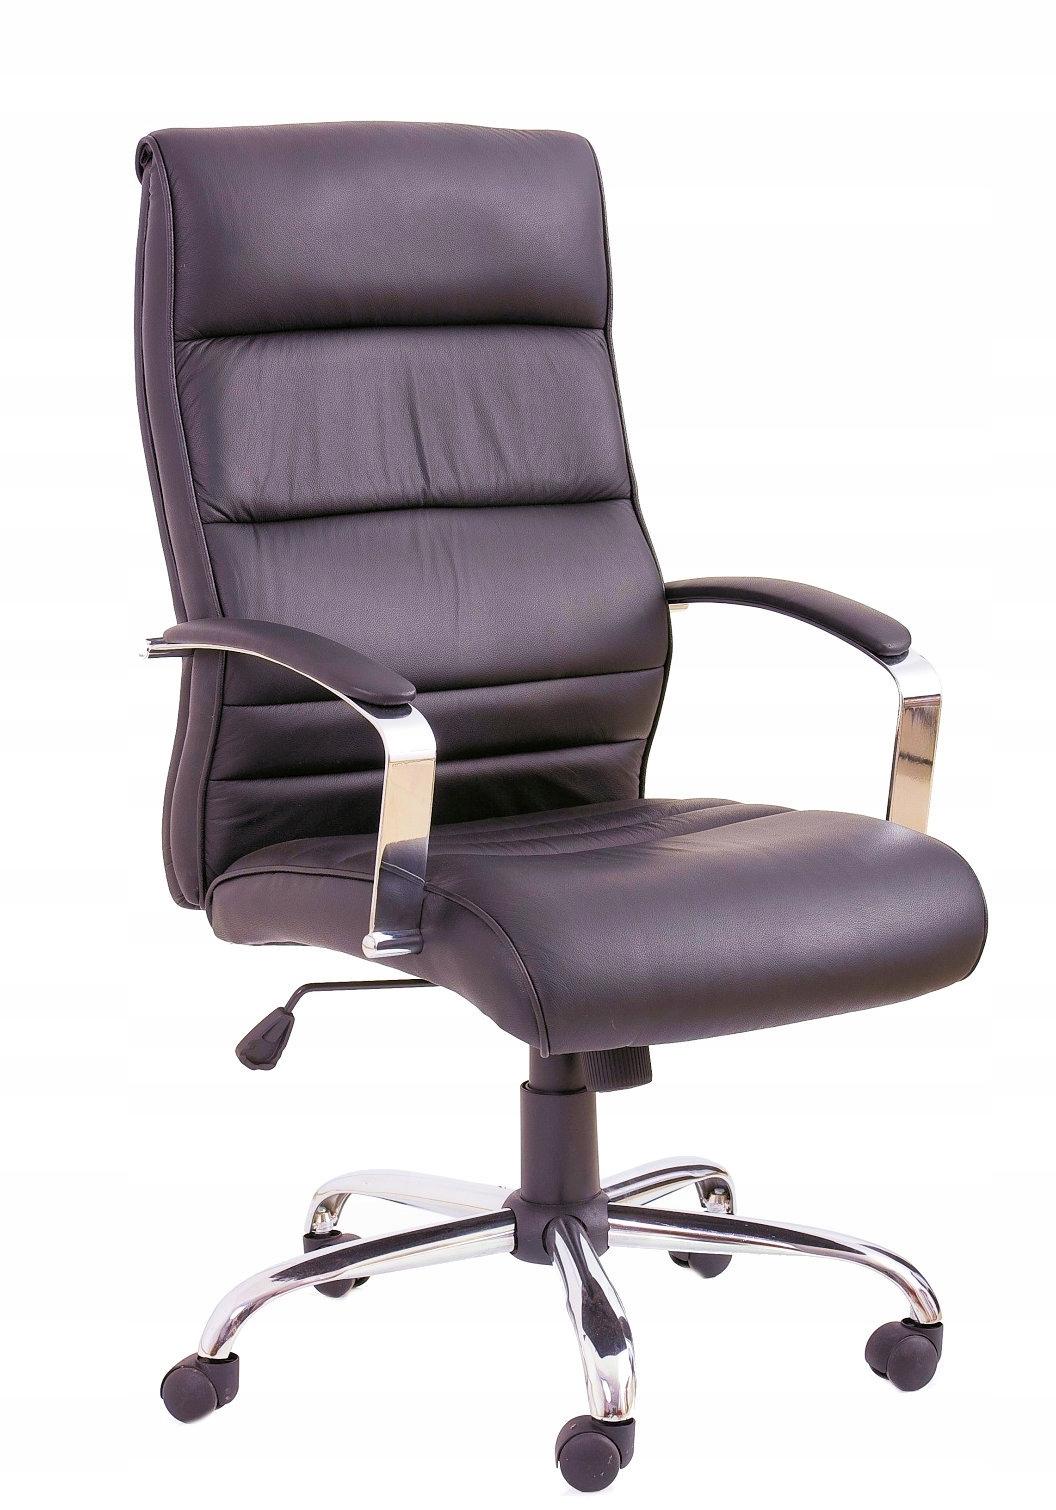 Kreslo kancelárske TEXAS zrna kožené čierne HALMAR